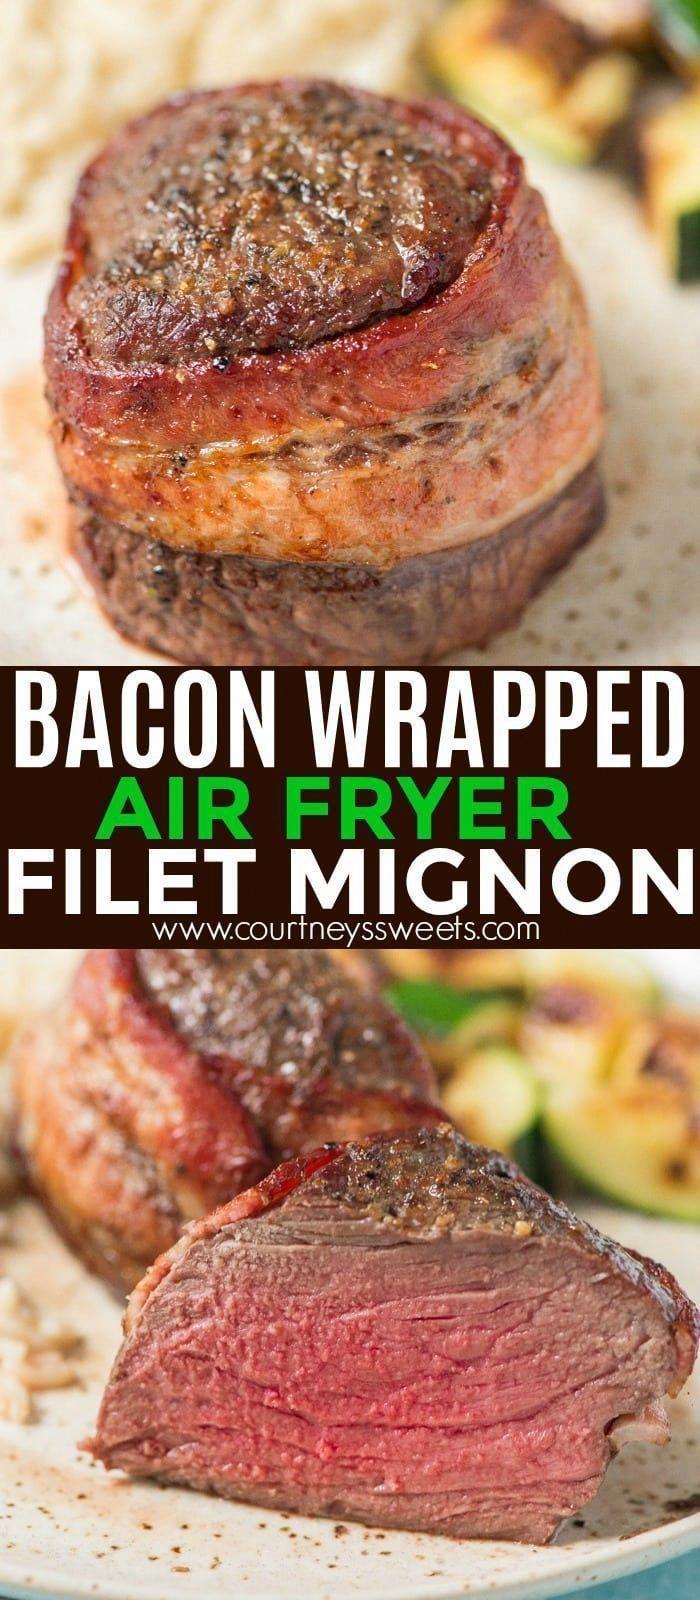 Photo of Bacon Wrapped Filet Mignon